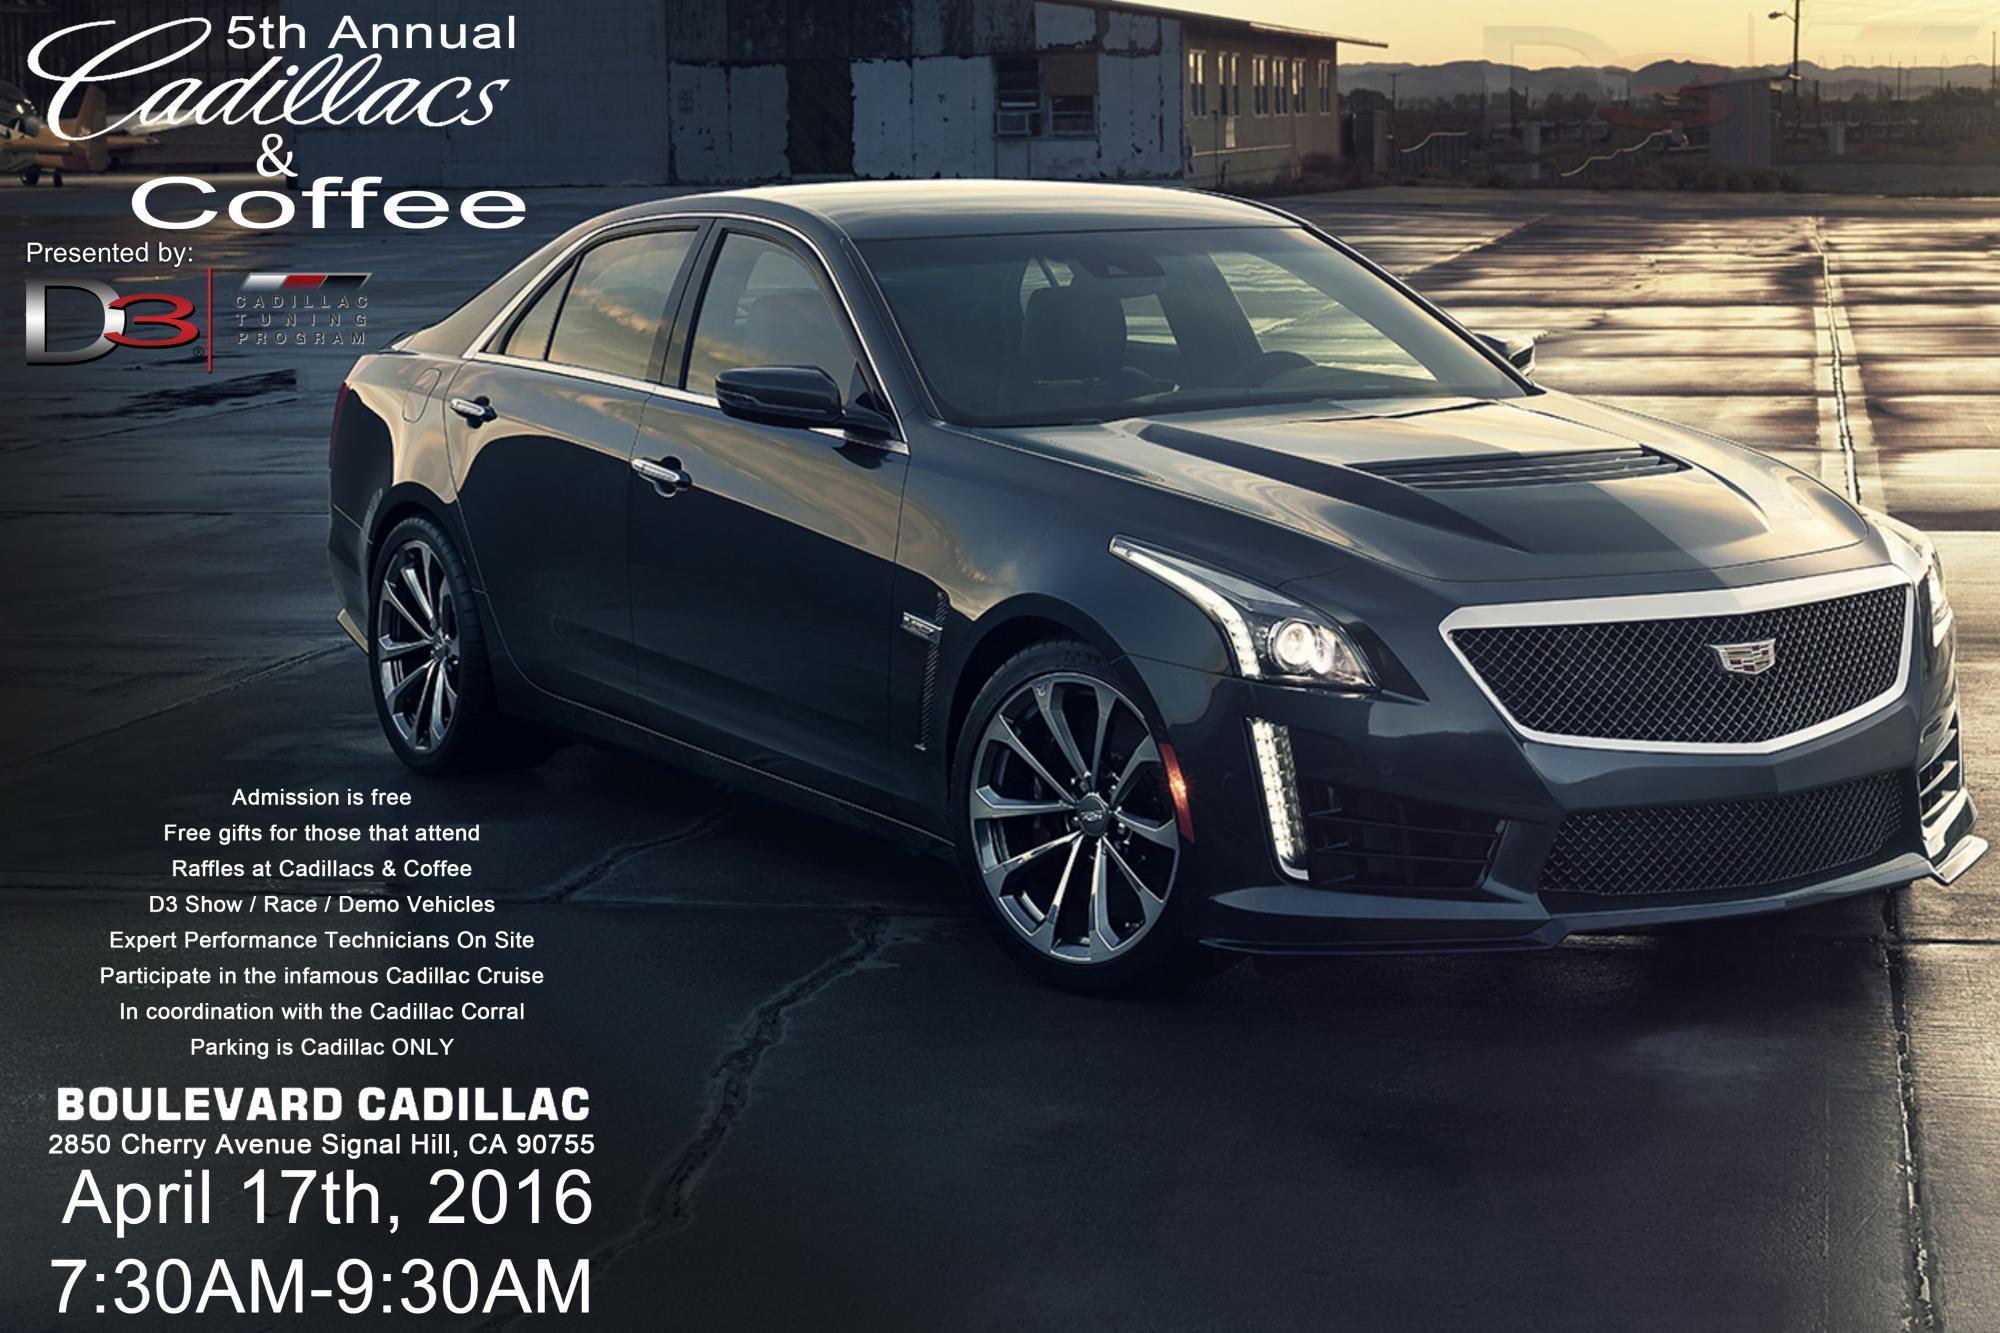 Cadillac's and Coffee-cadillacscoffee_2016_003.jpg